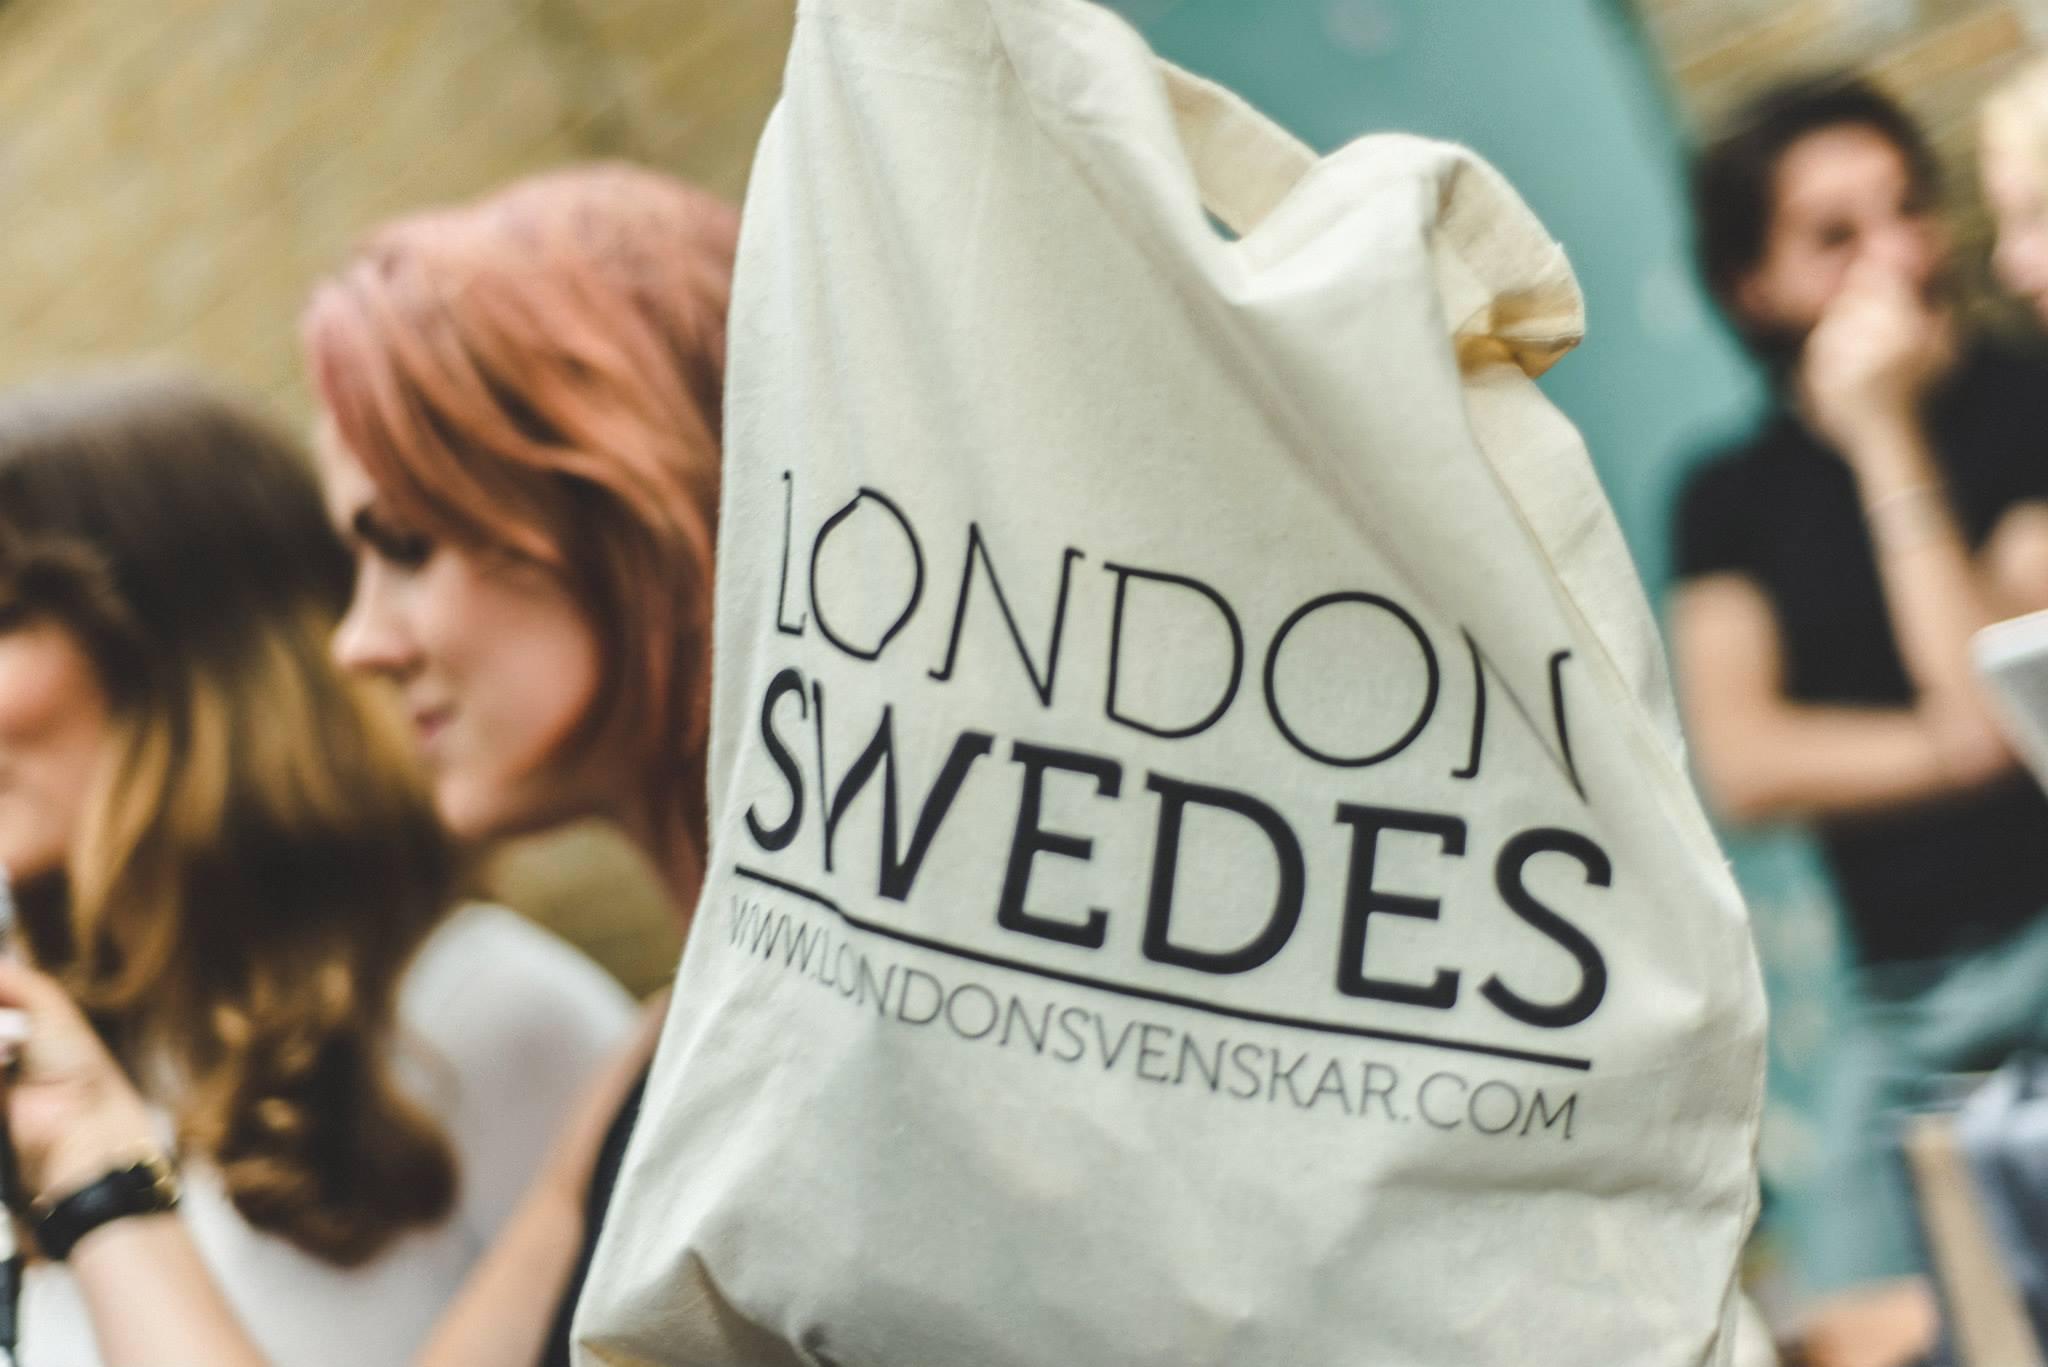 Jobba i London